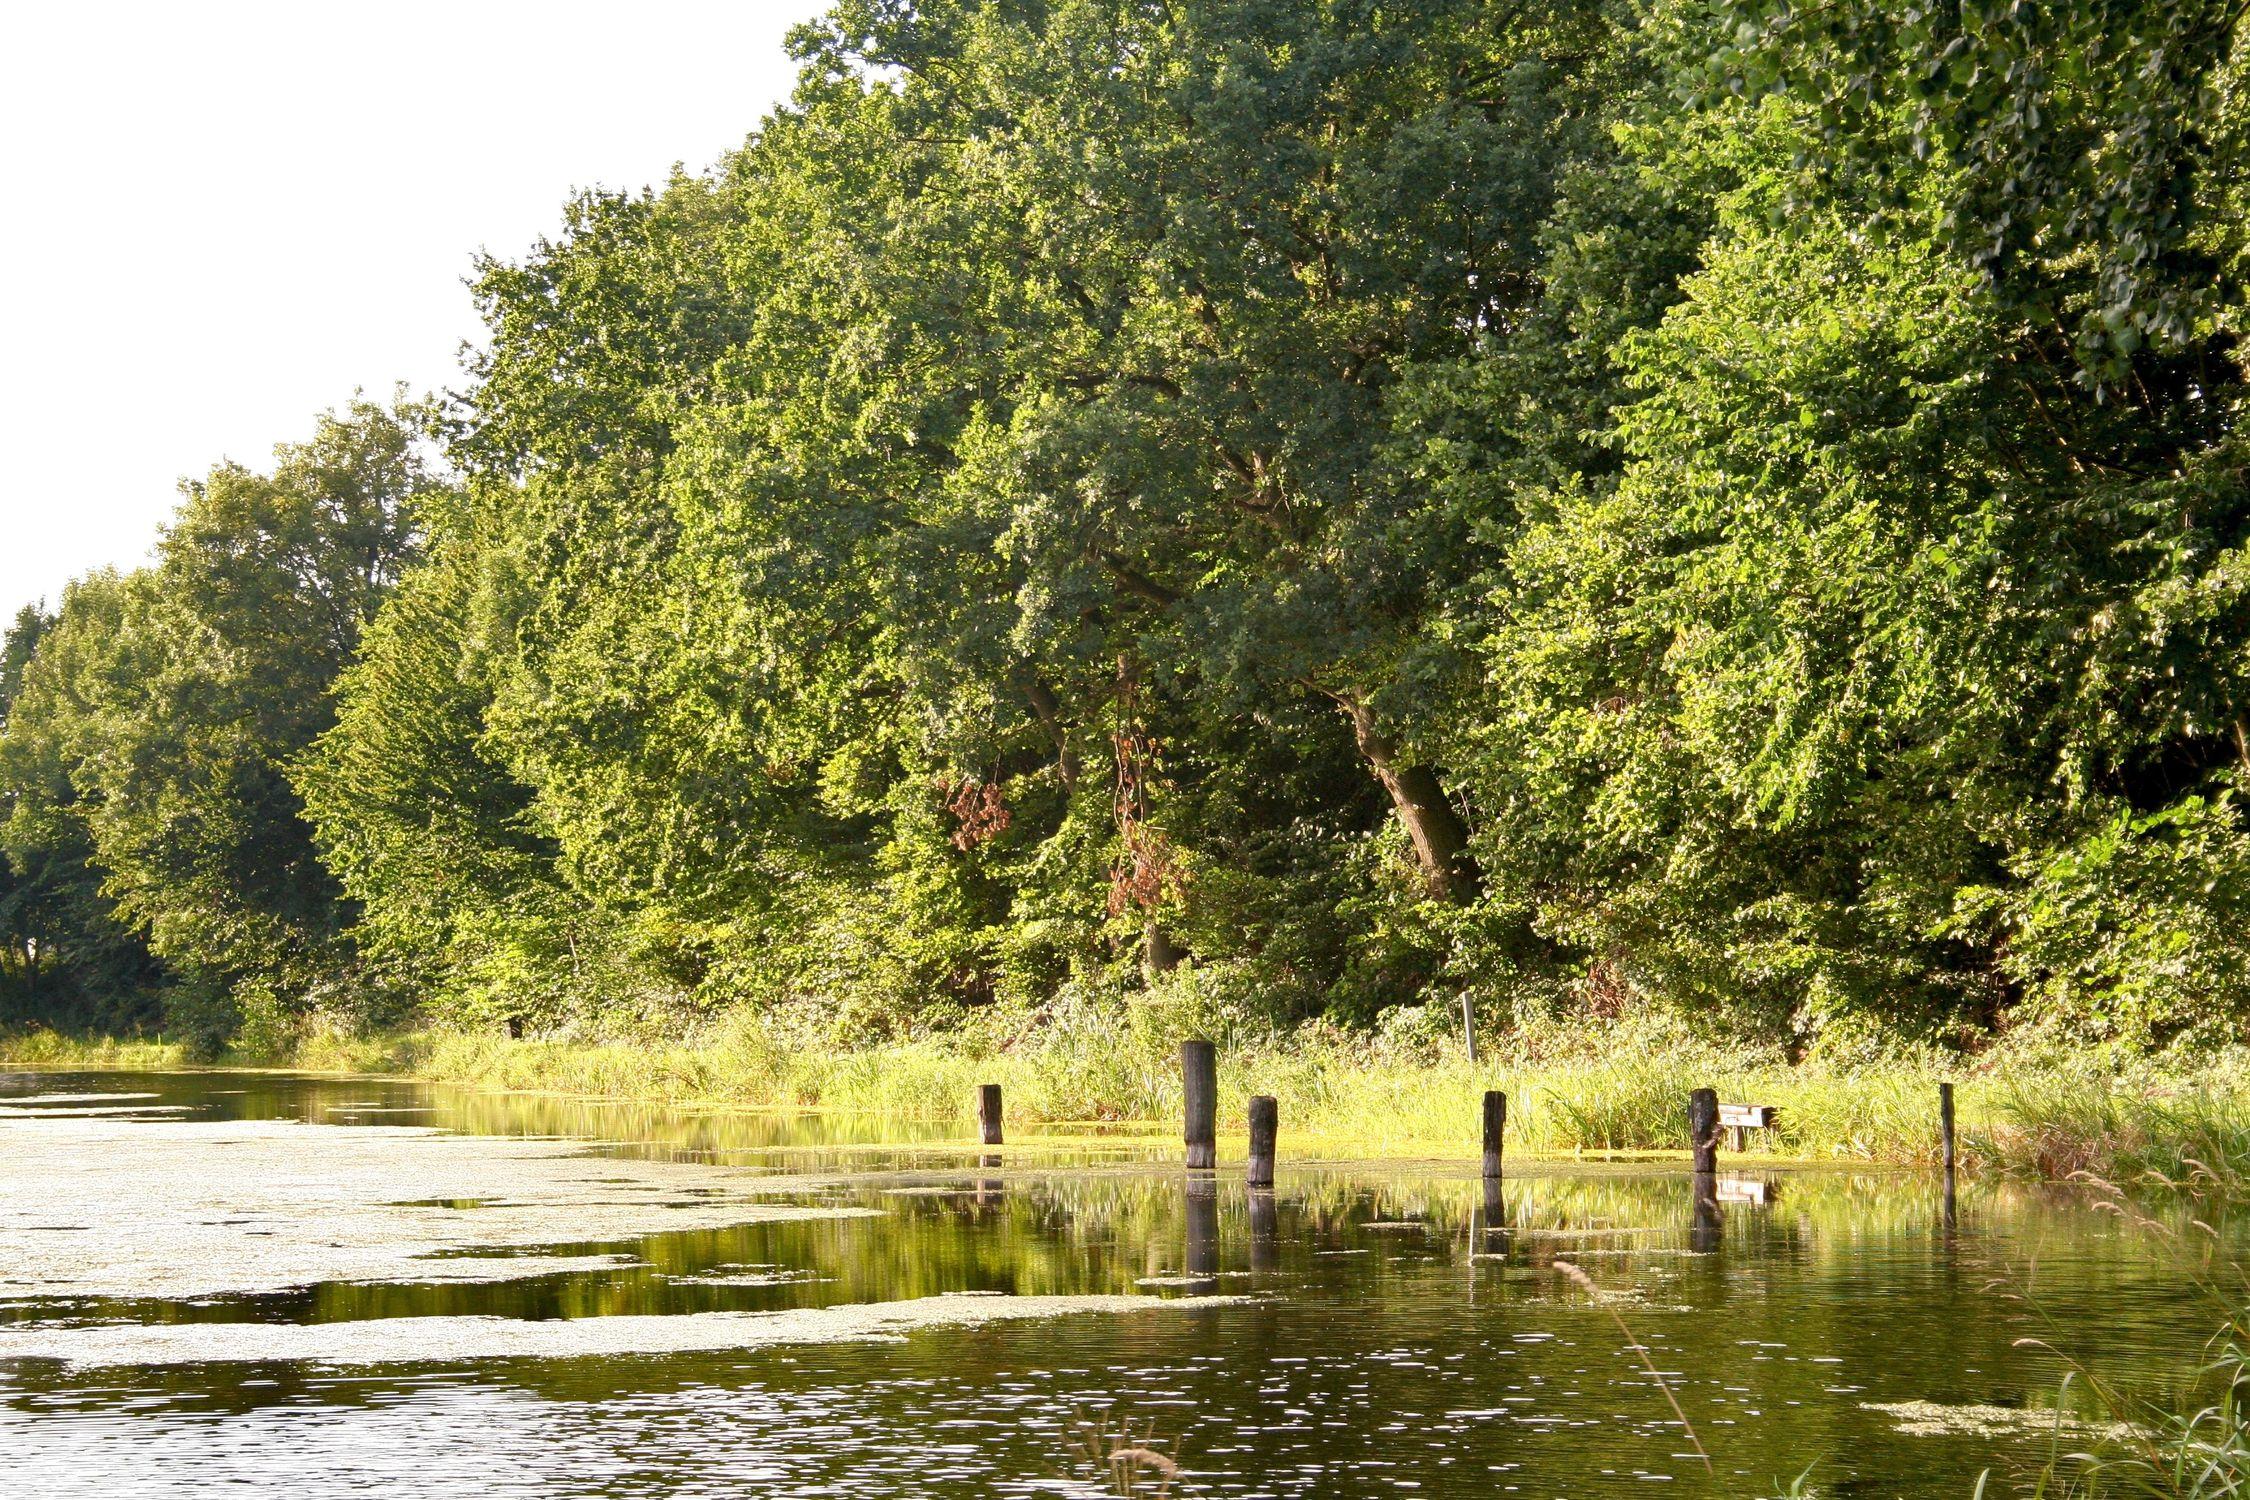 Bild mit Natur, Elemente, Wasser, Grün, Pflanzen, Gräser, Landschaften, Bäume, Gewässer, Küsten und Ufer, Wälder, Seen, Flüsse, Teiche